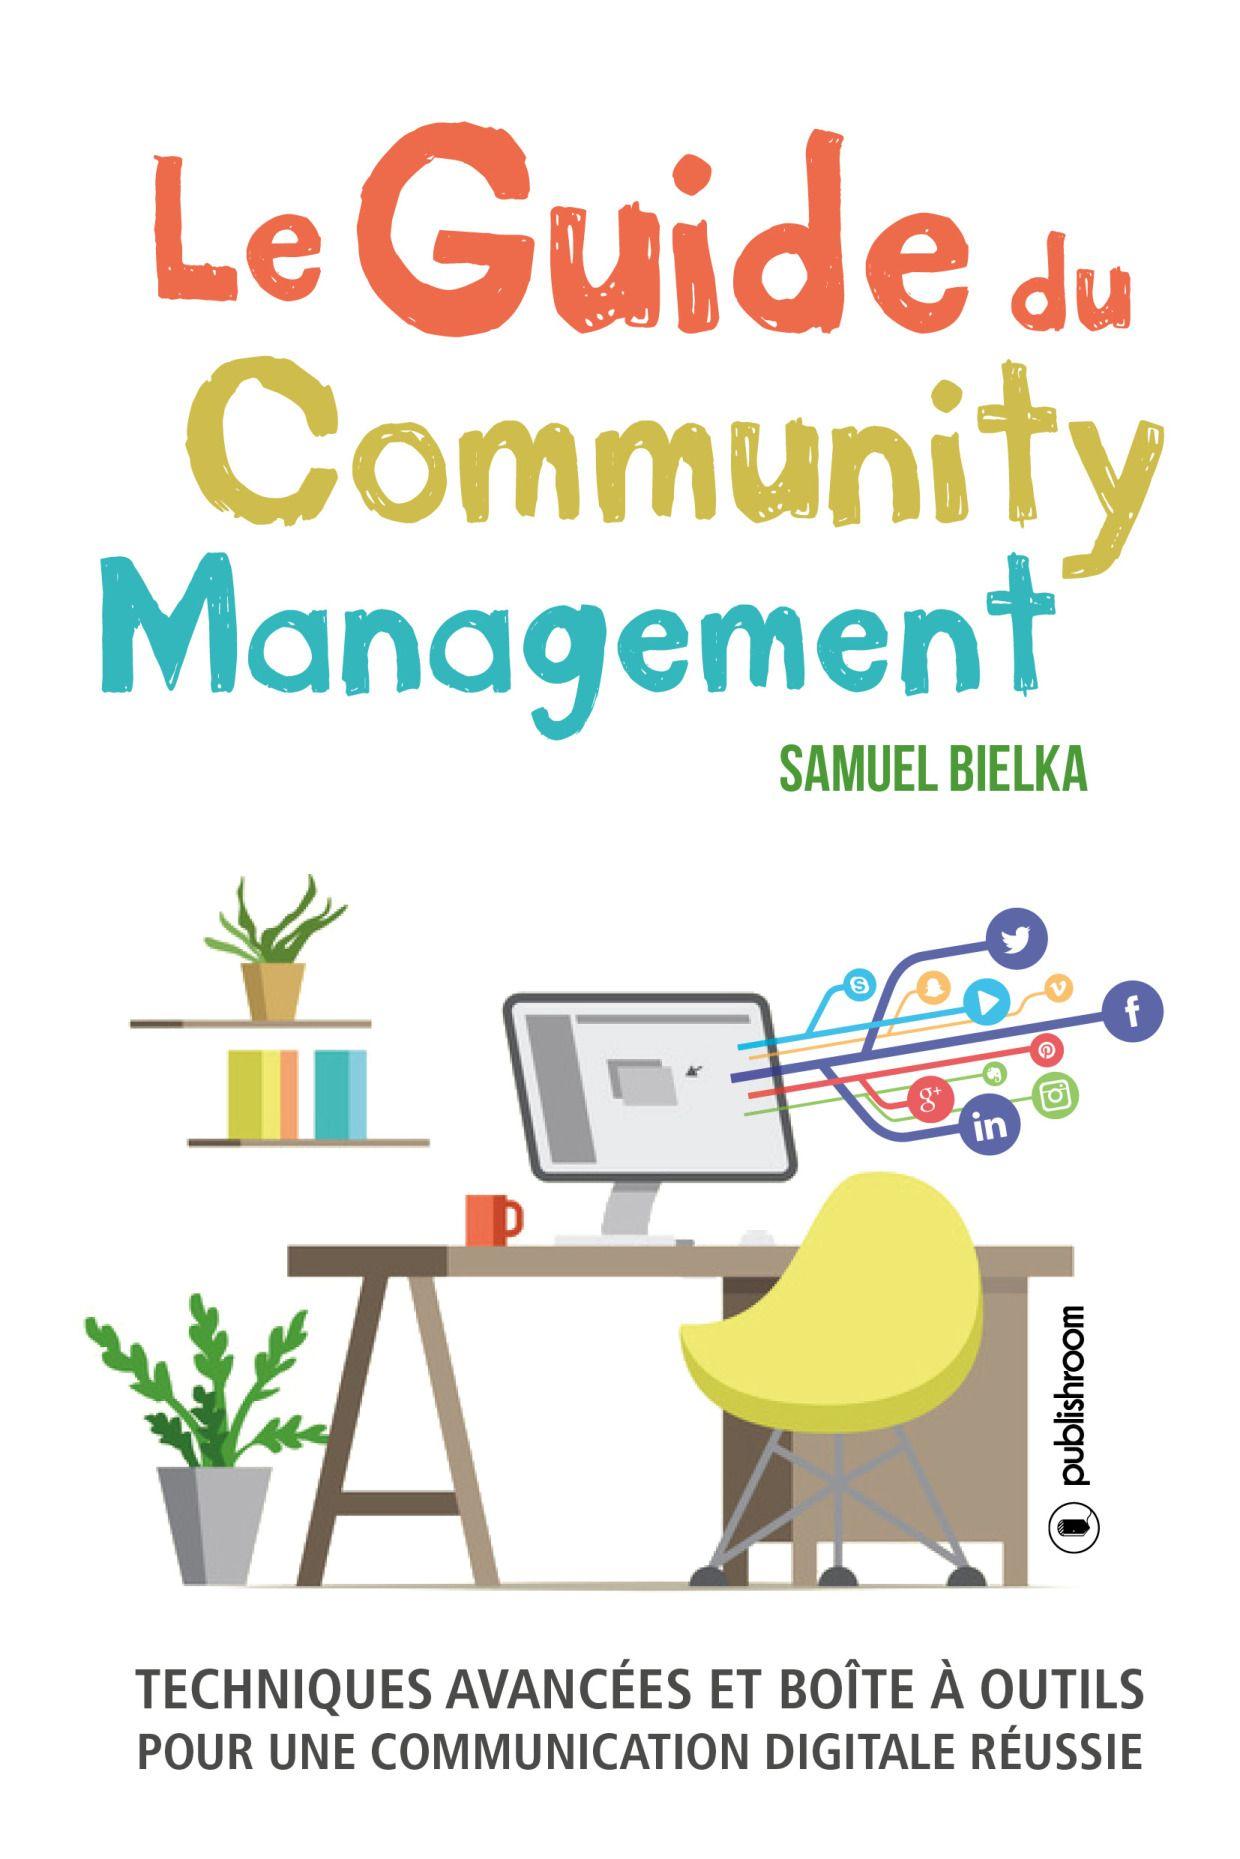 Un chargé de communication numérique et Community manager